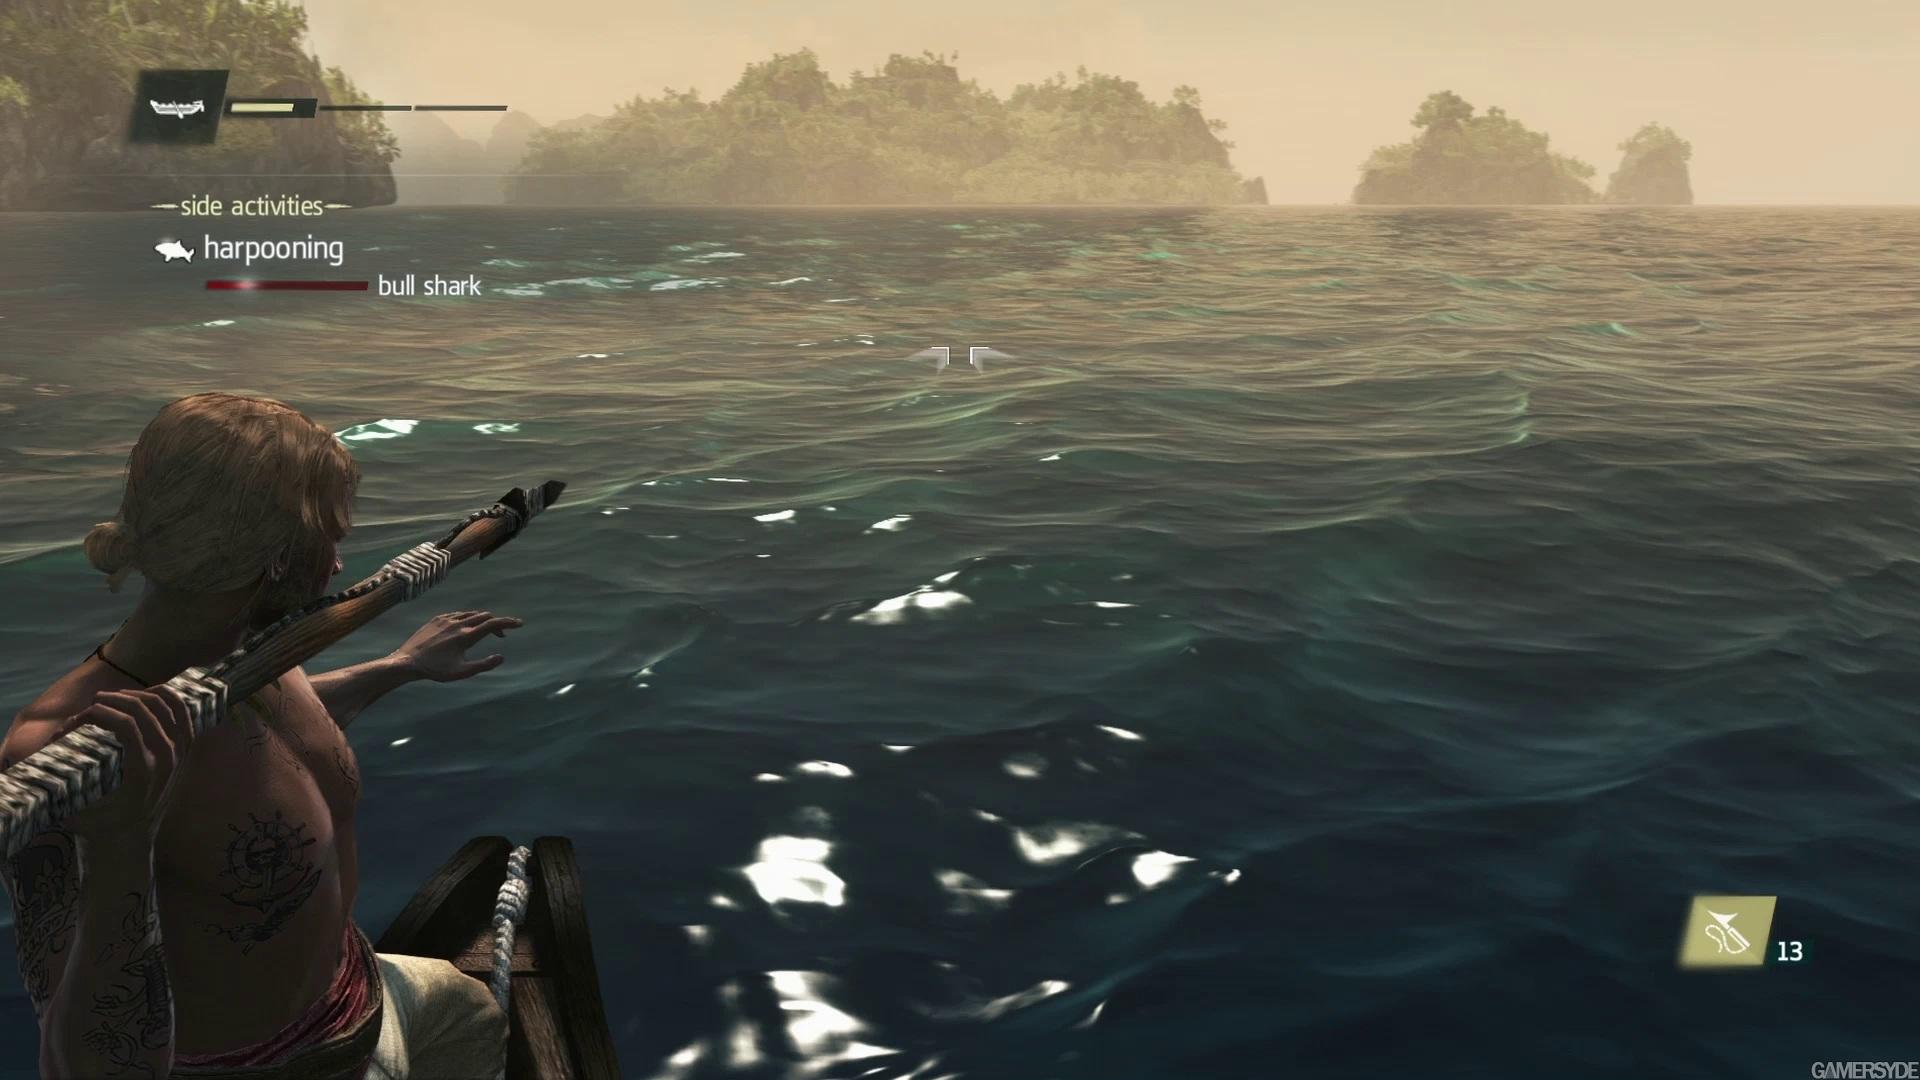 image   23118 1 0019 با تصاویر جدید Assassins Creed IV، شکار کوسه، پیدا کردن گنج ها در زیر آب و بیشتر را ببینید